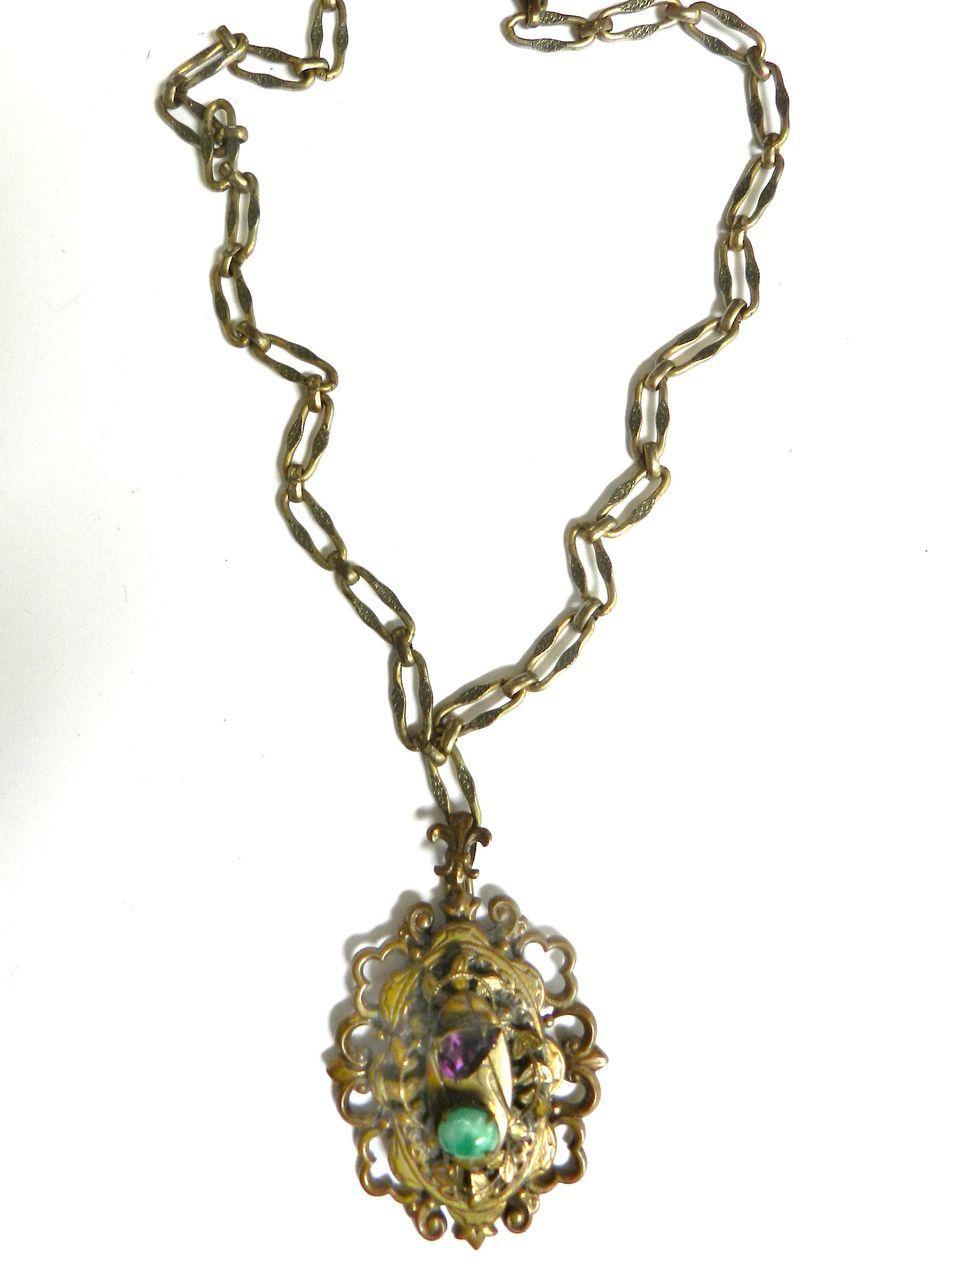 Vintage Victorian Revival Fabulous  Huge Pendant Necklace